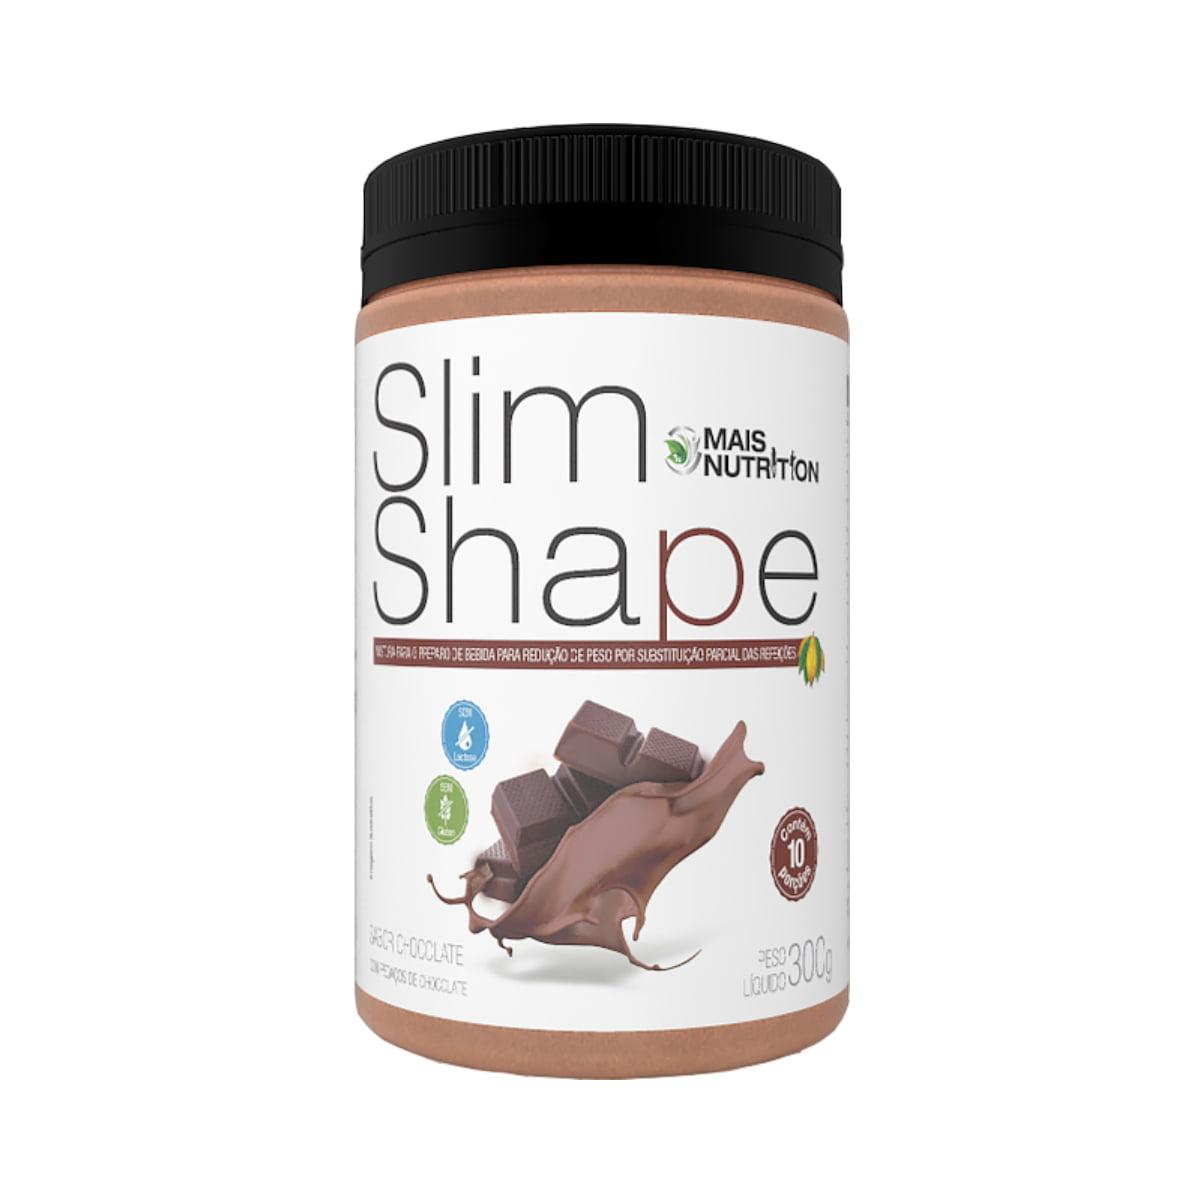 Slim Shape 300g - Shake Substituto de Refeição